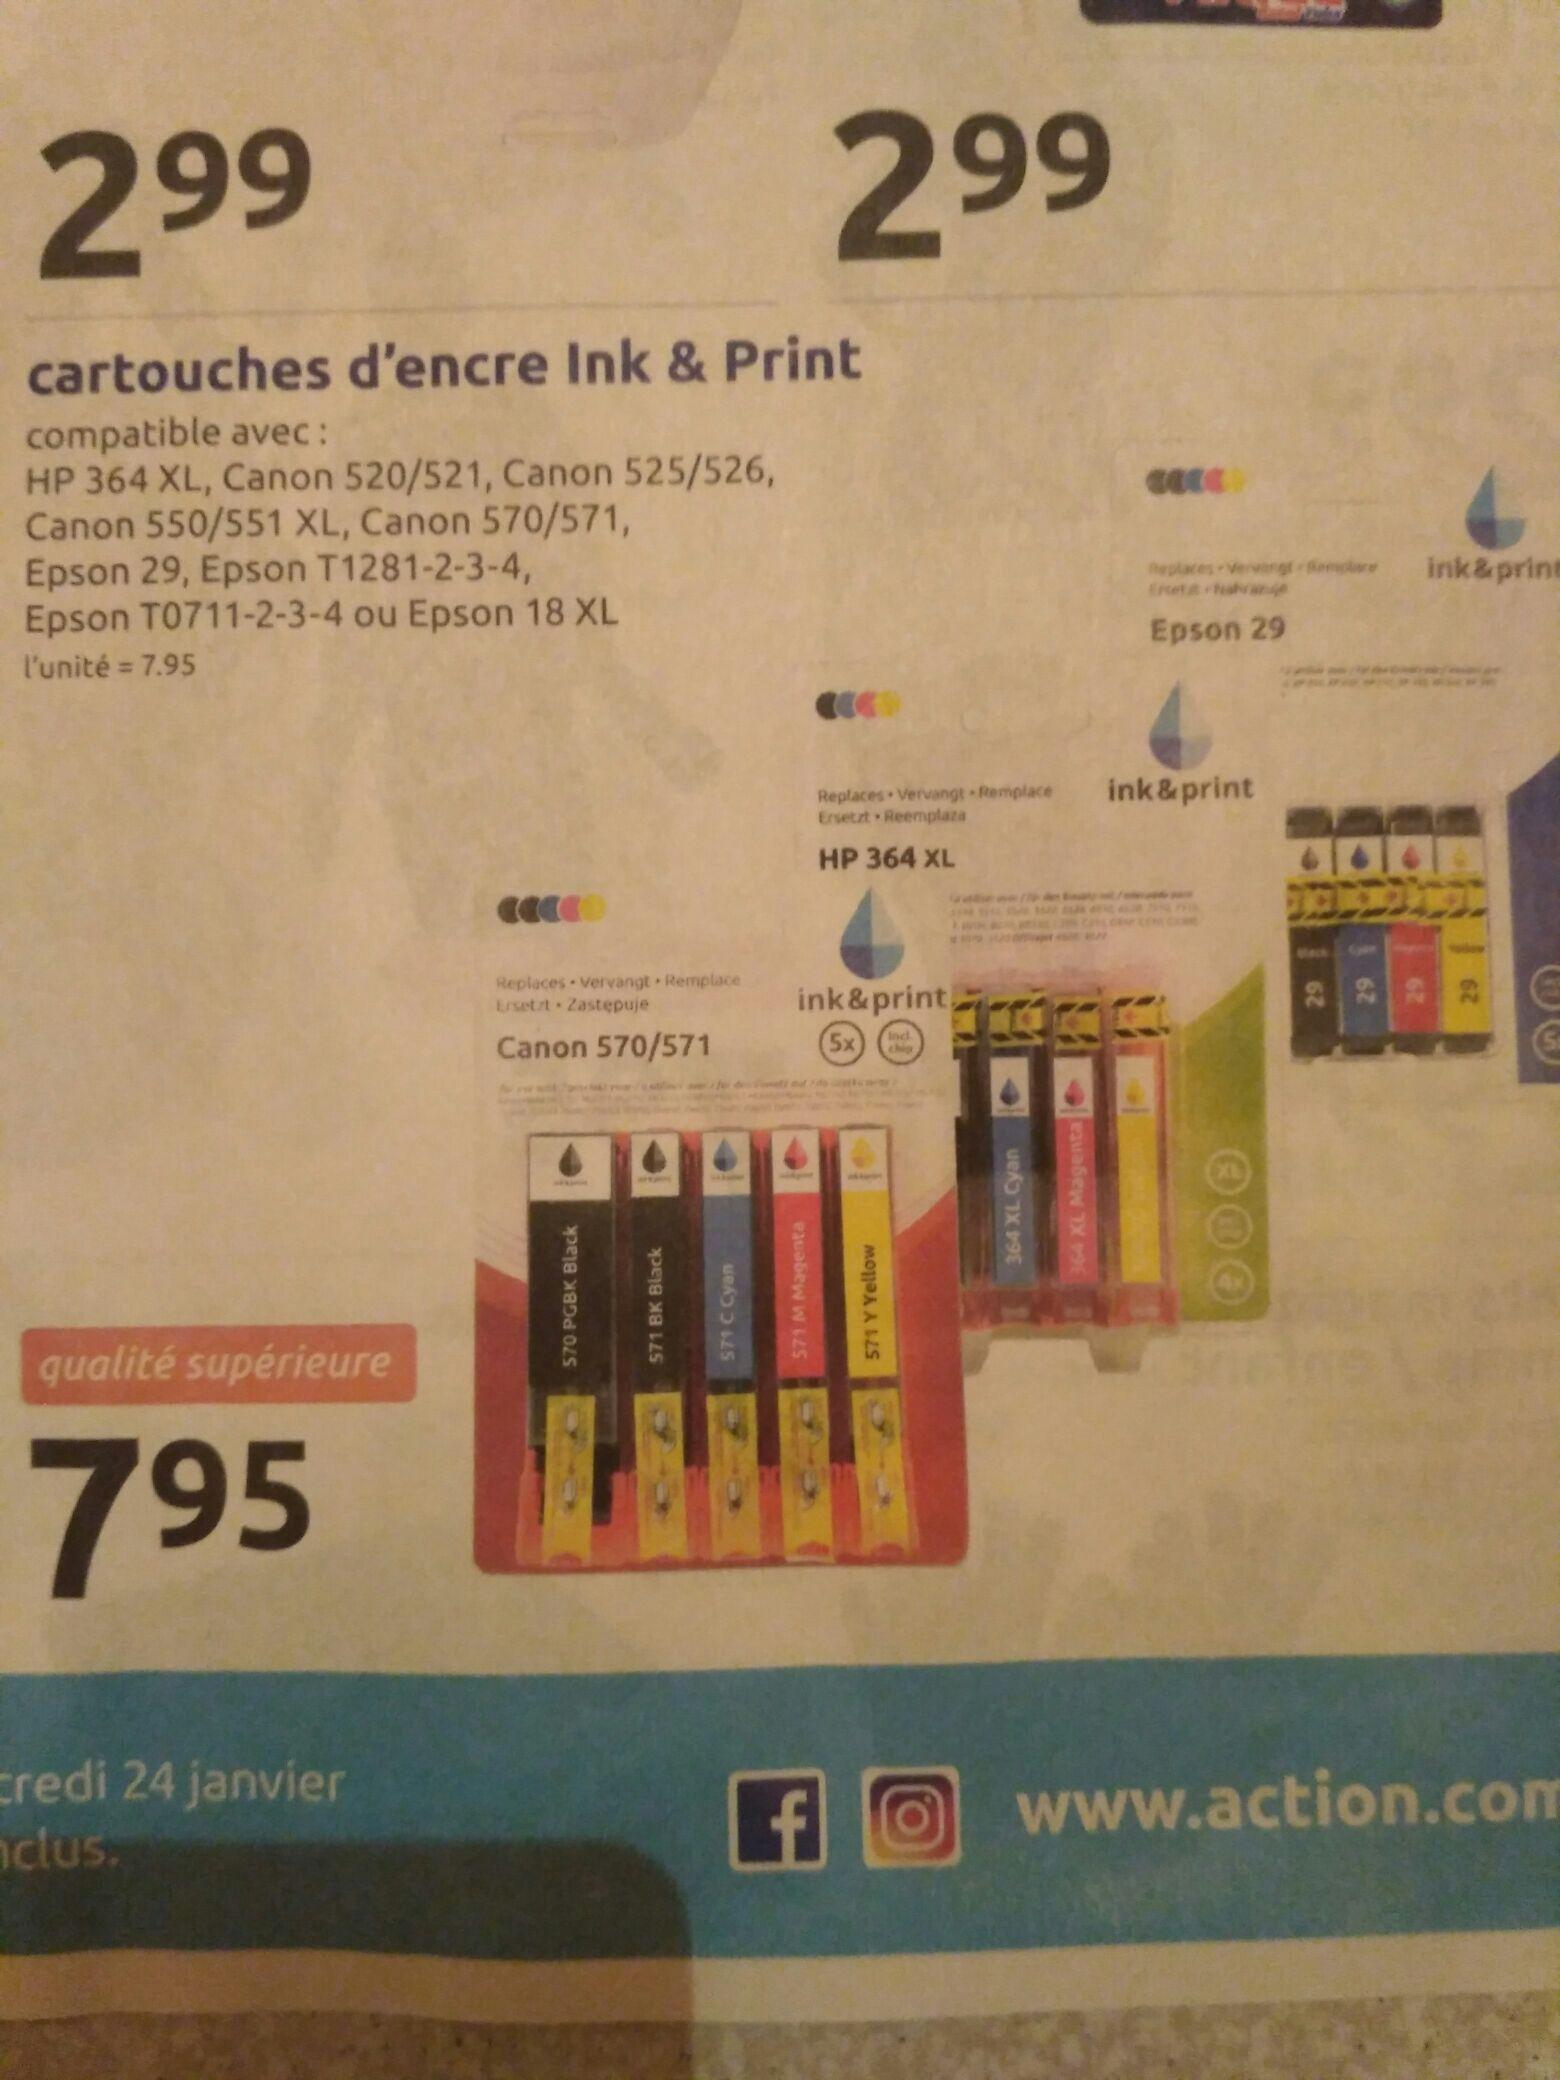 Cartouches d'encre génériques Ink & Print - différents types